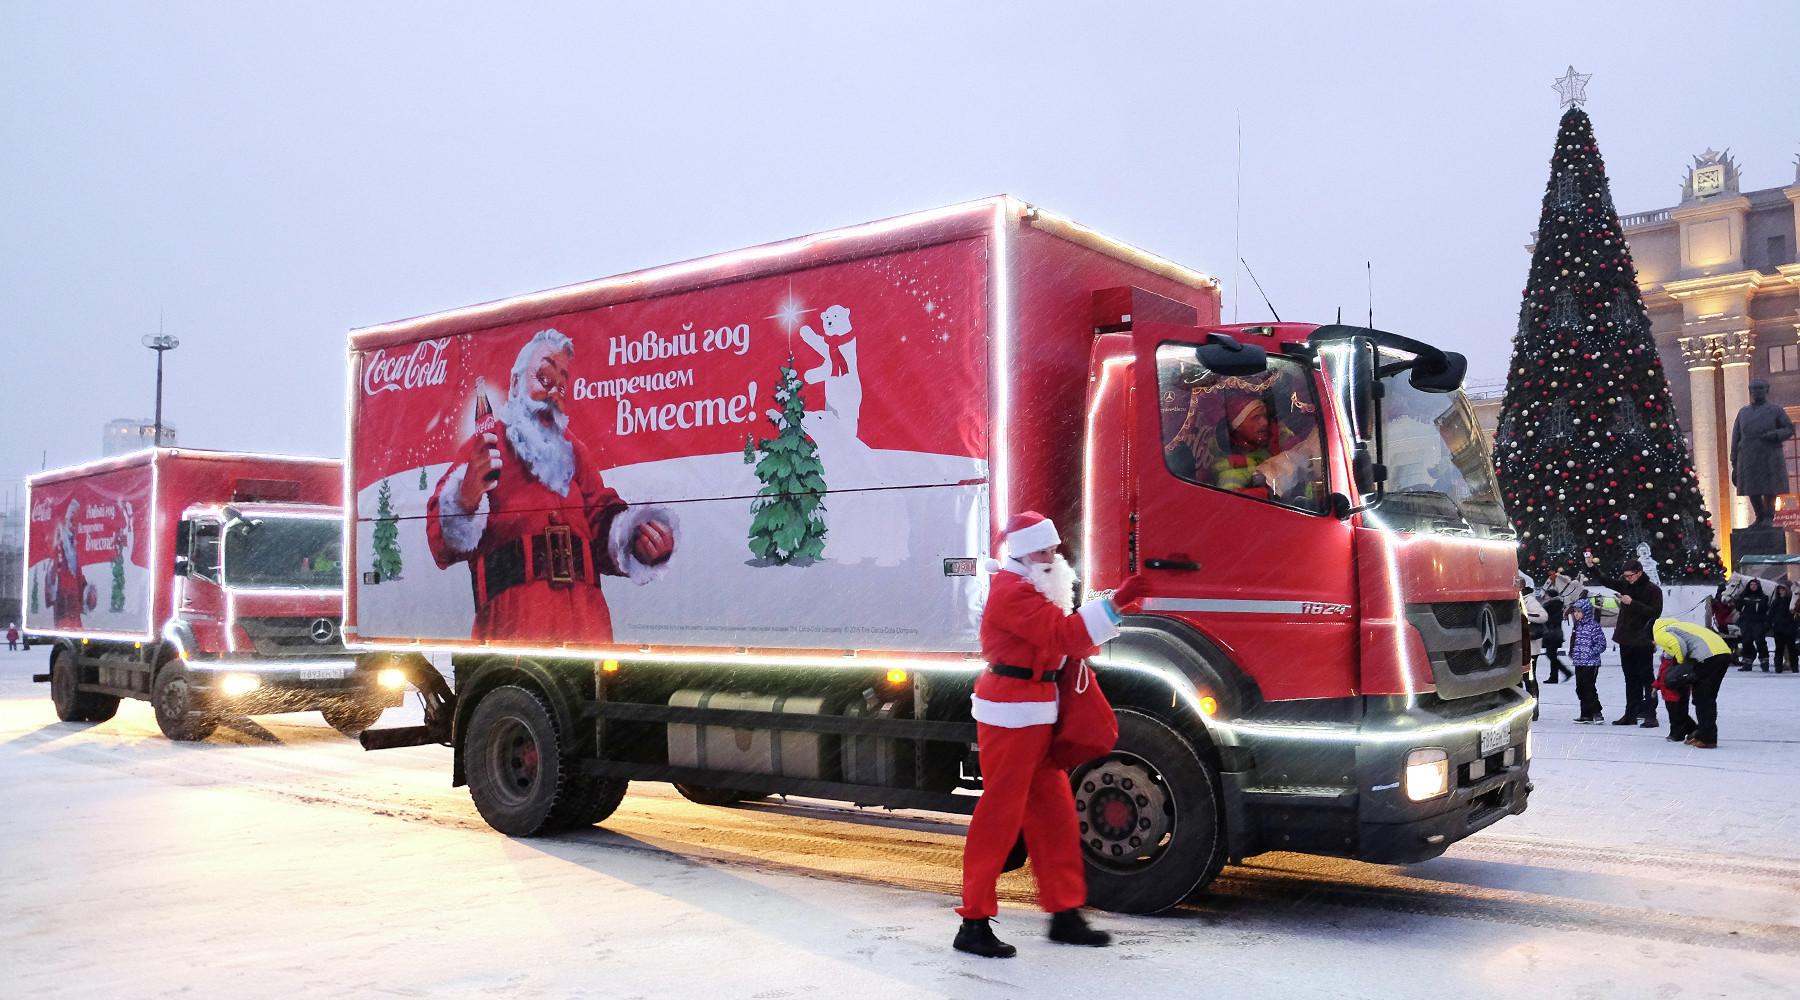 Система Coca-Cola в РФ увеличивает инвестиции в экономику и наращивает закупки у локальных производителей